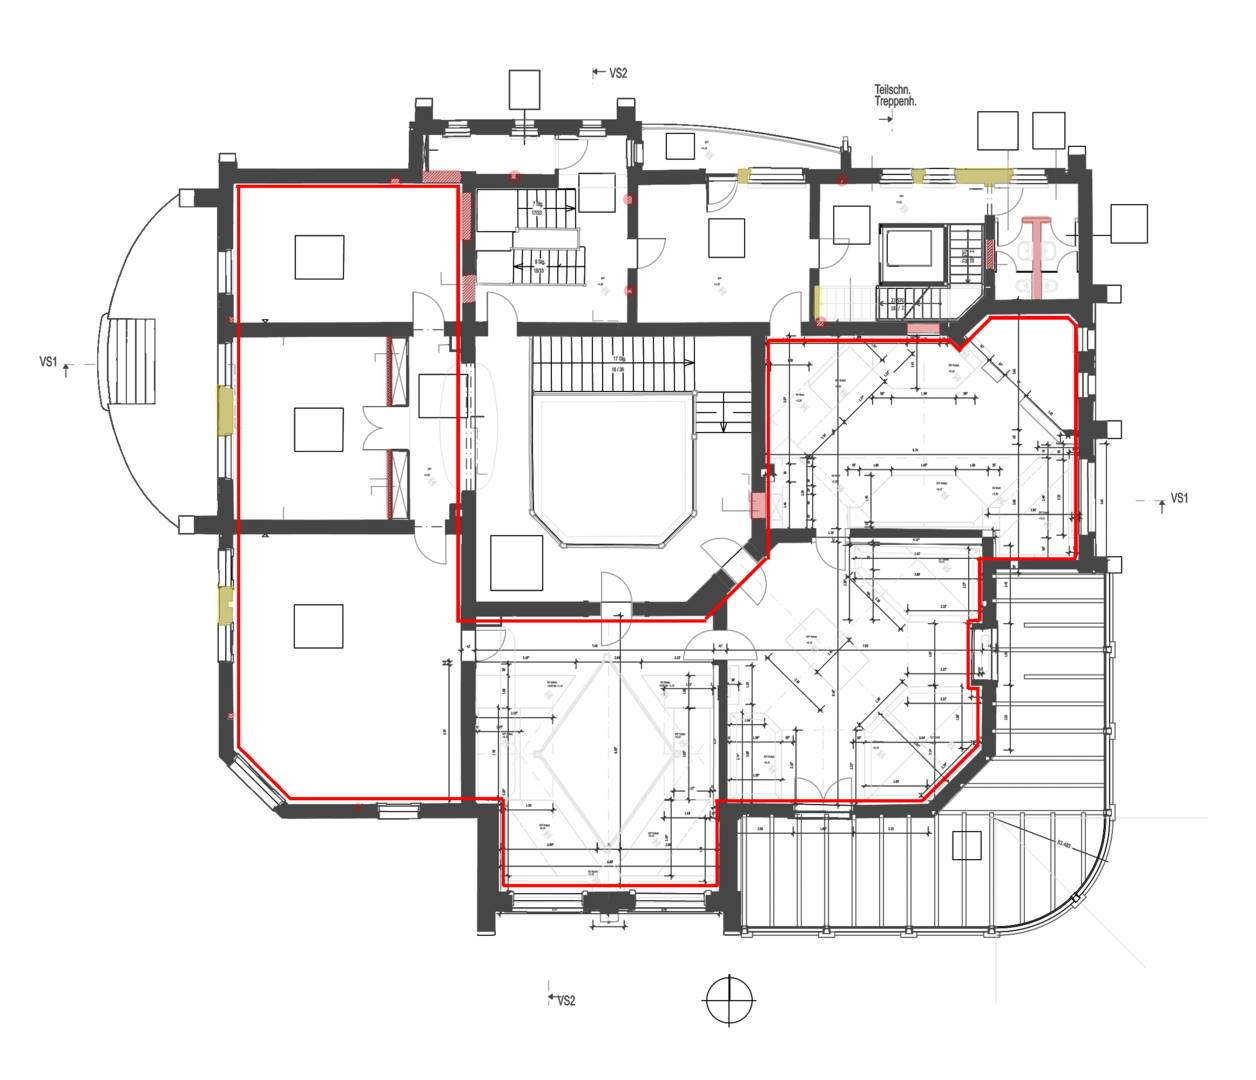 grundriss bauhaus villa kernhaus futura bauhaus das mit der klassischen als fotos dirk. Black Bedroom Furniture Sets. Home Design Ideas